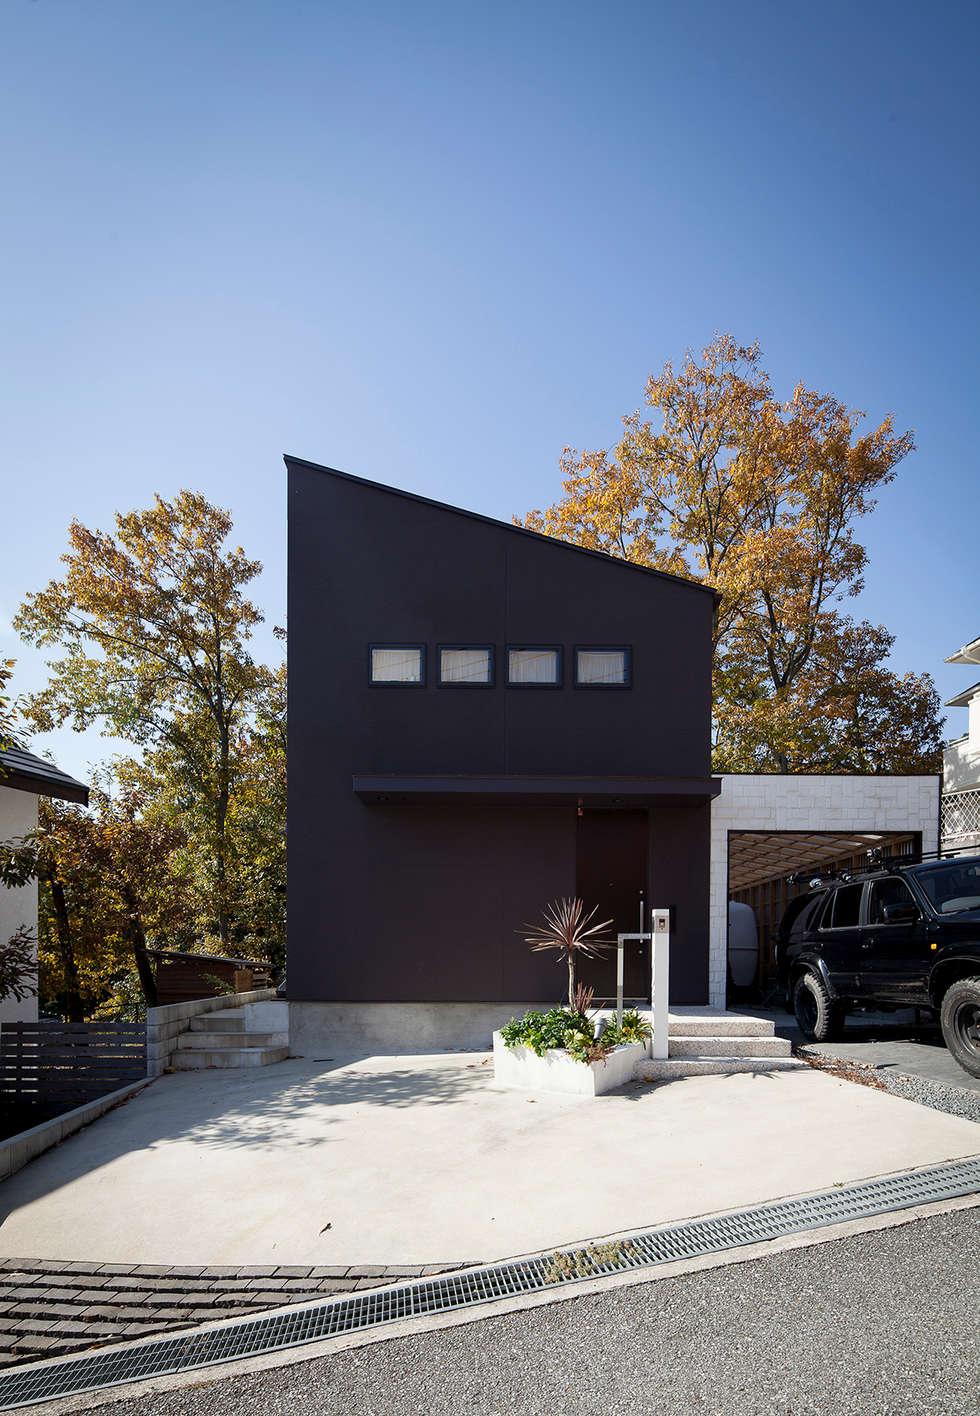 森の緑を楽しむみんなの集まる家: ラブデザインホームズ/LOVE DESIGN HOMESが手掛けた一戸建て住宅です。